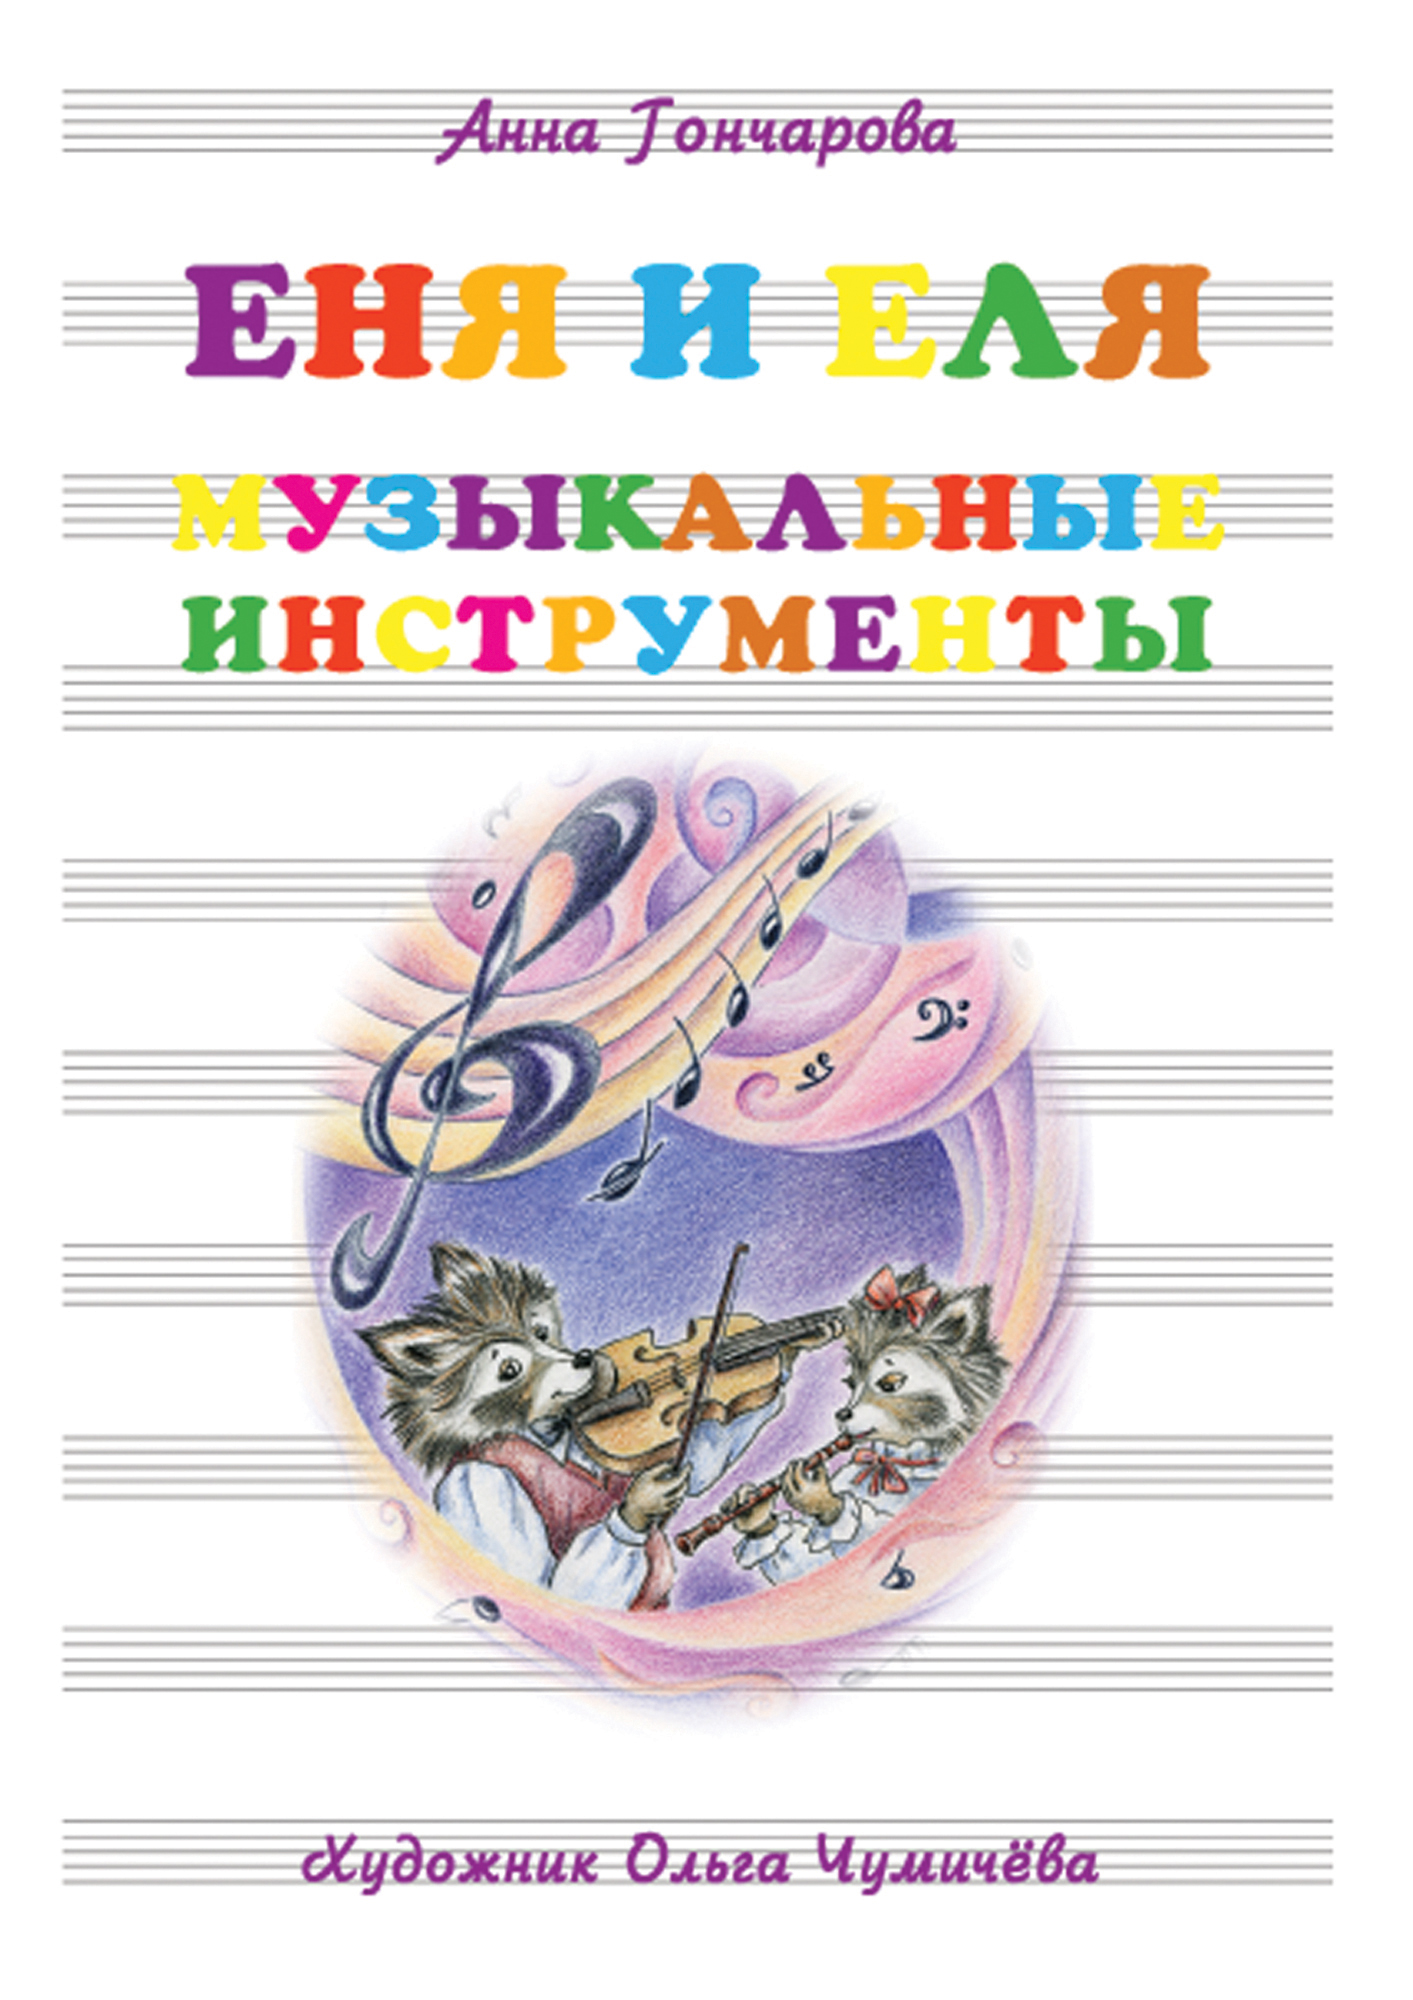 Еня и Еля. Музыкальные инструменты